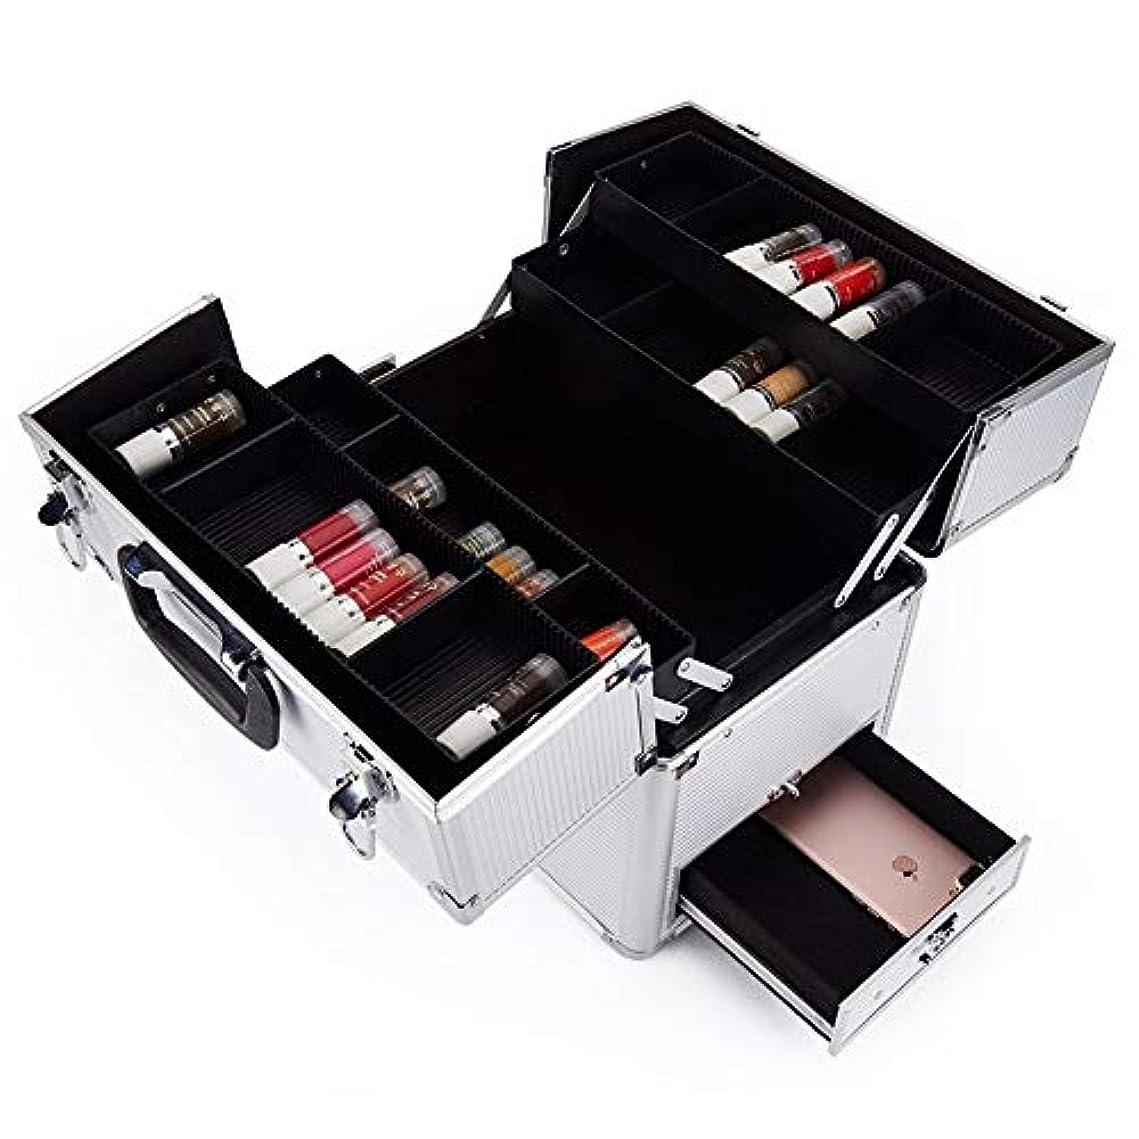 カウントあいさつ革新化粧オーガナイザーバッグ 多機能旅行メイクアップバッグパターンメイクアップアーティストケーストレインボックス化粧品オーガナイザー収納ボックス 化粧品ケース